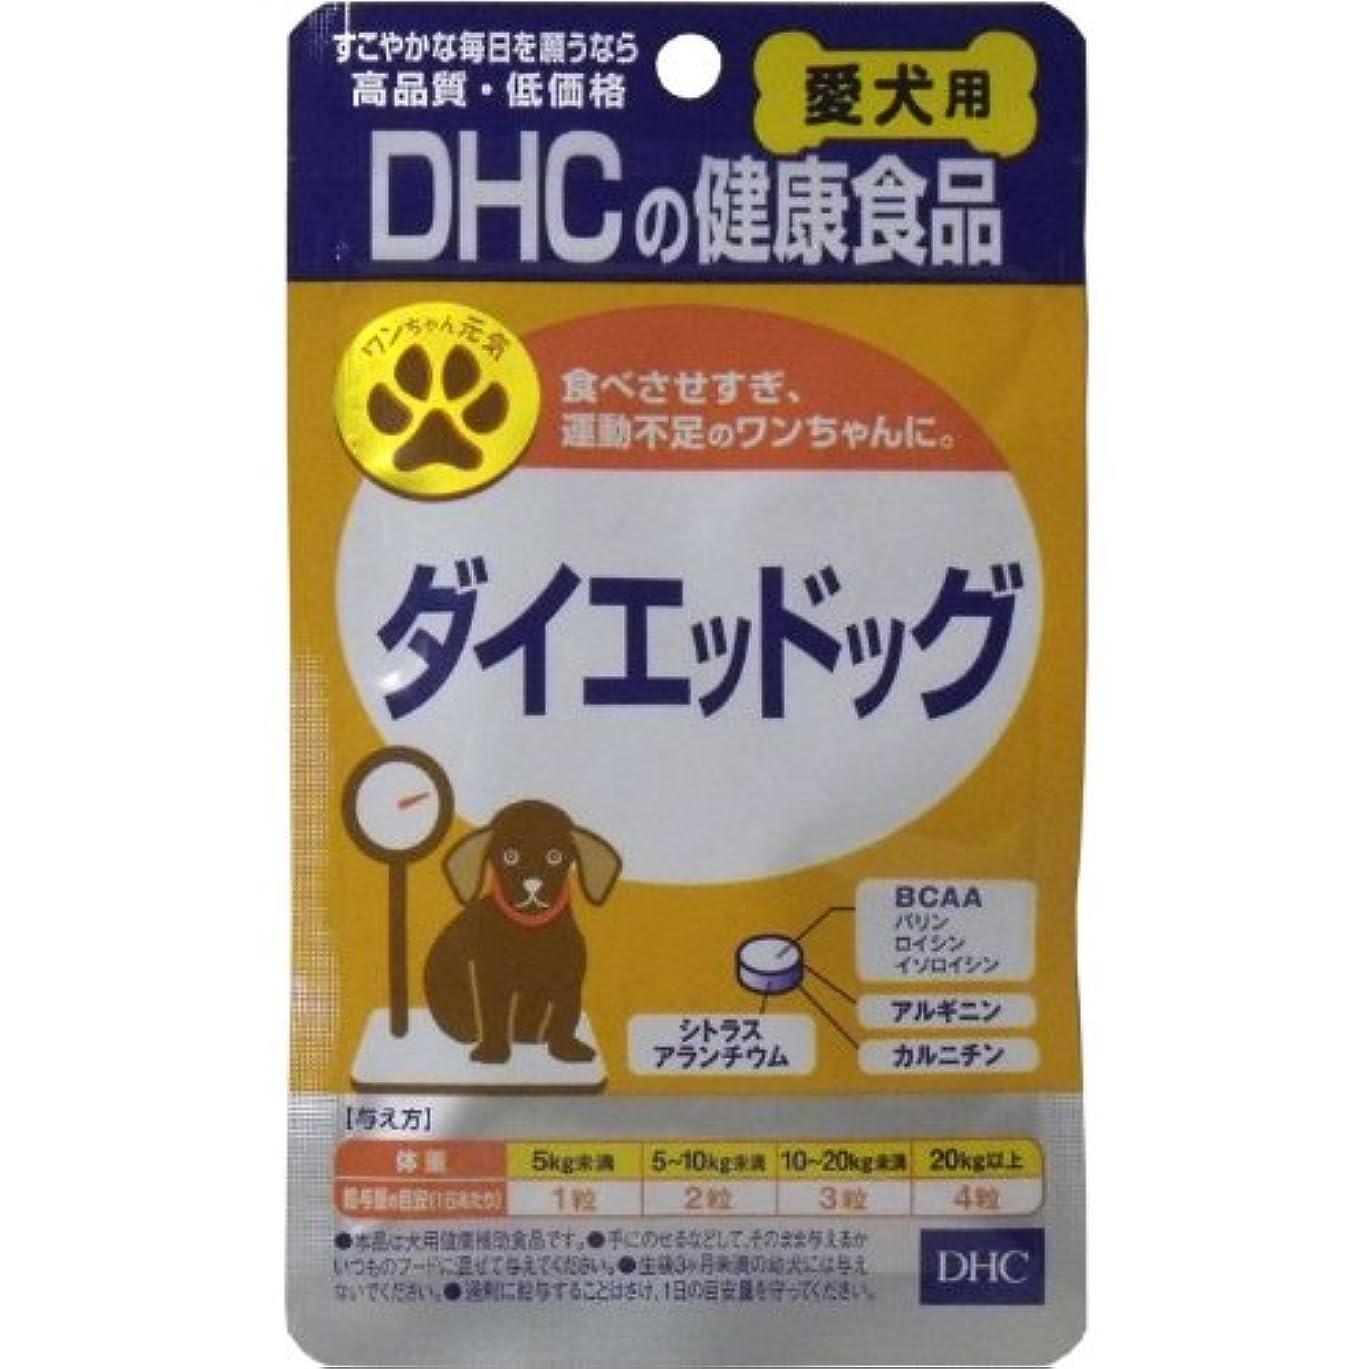 管理するマット余分なペット用品 ペットサプリメント ダイエット 健康 食品 犬用